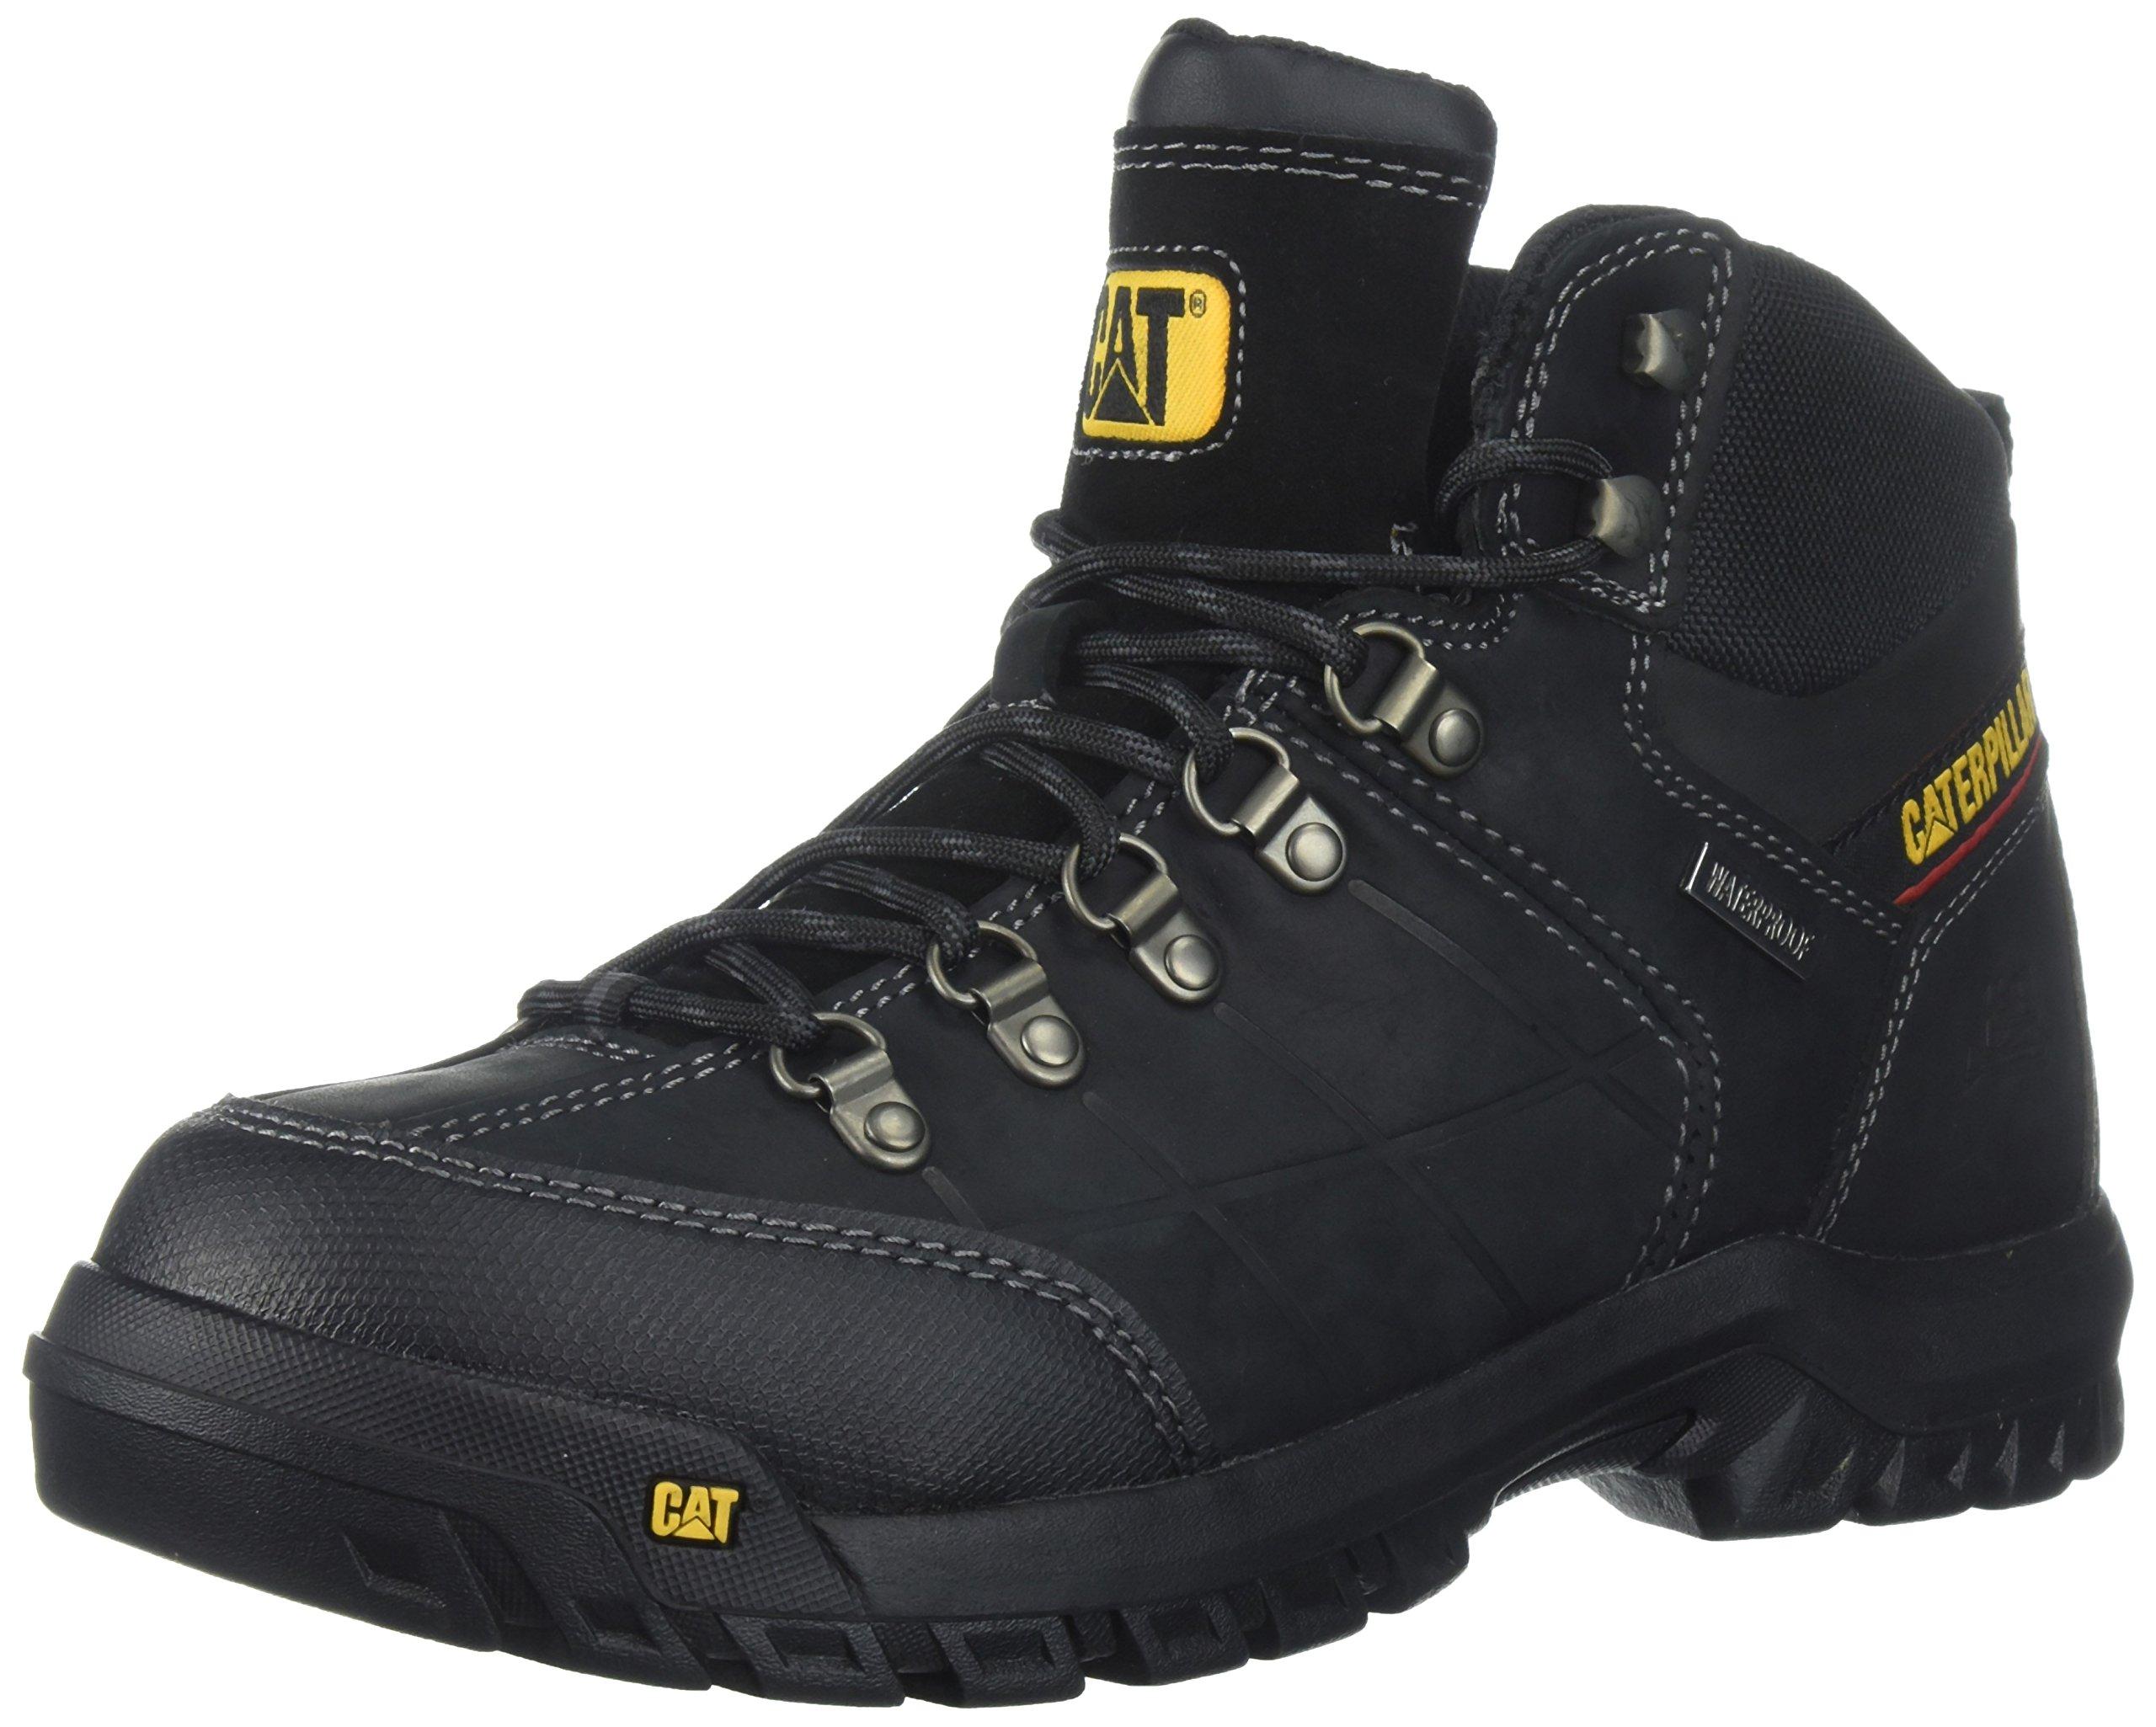 Caterpillar Men's Threshold Waterproof Industrial Boot, Black, 12 M US